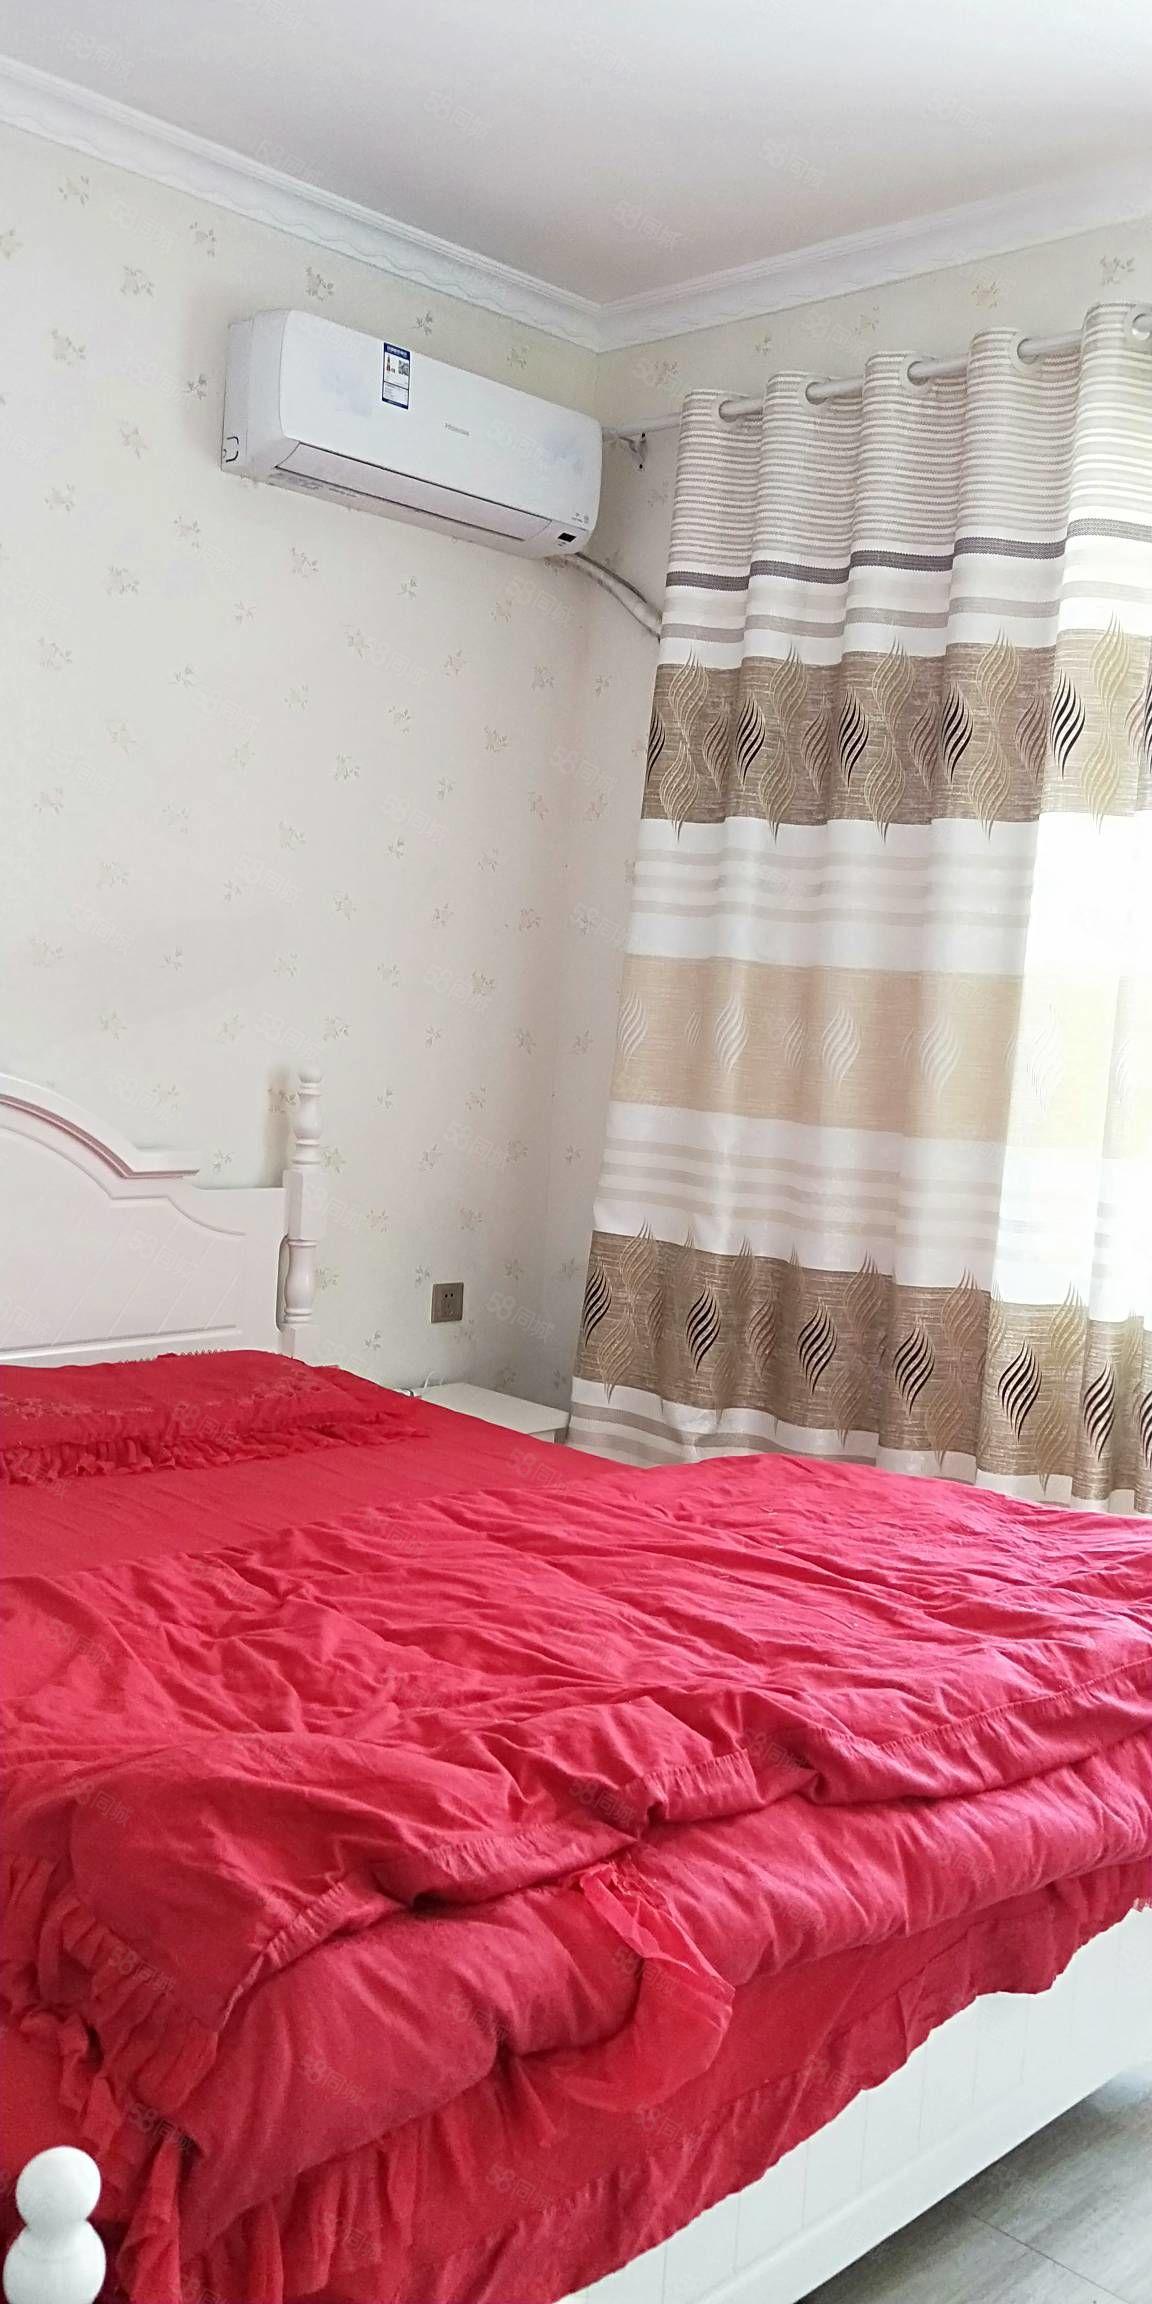 濱水花苑1室1廳,精裝修,全新家具家電,拎包入住,首次出租。